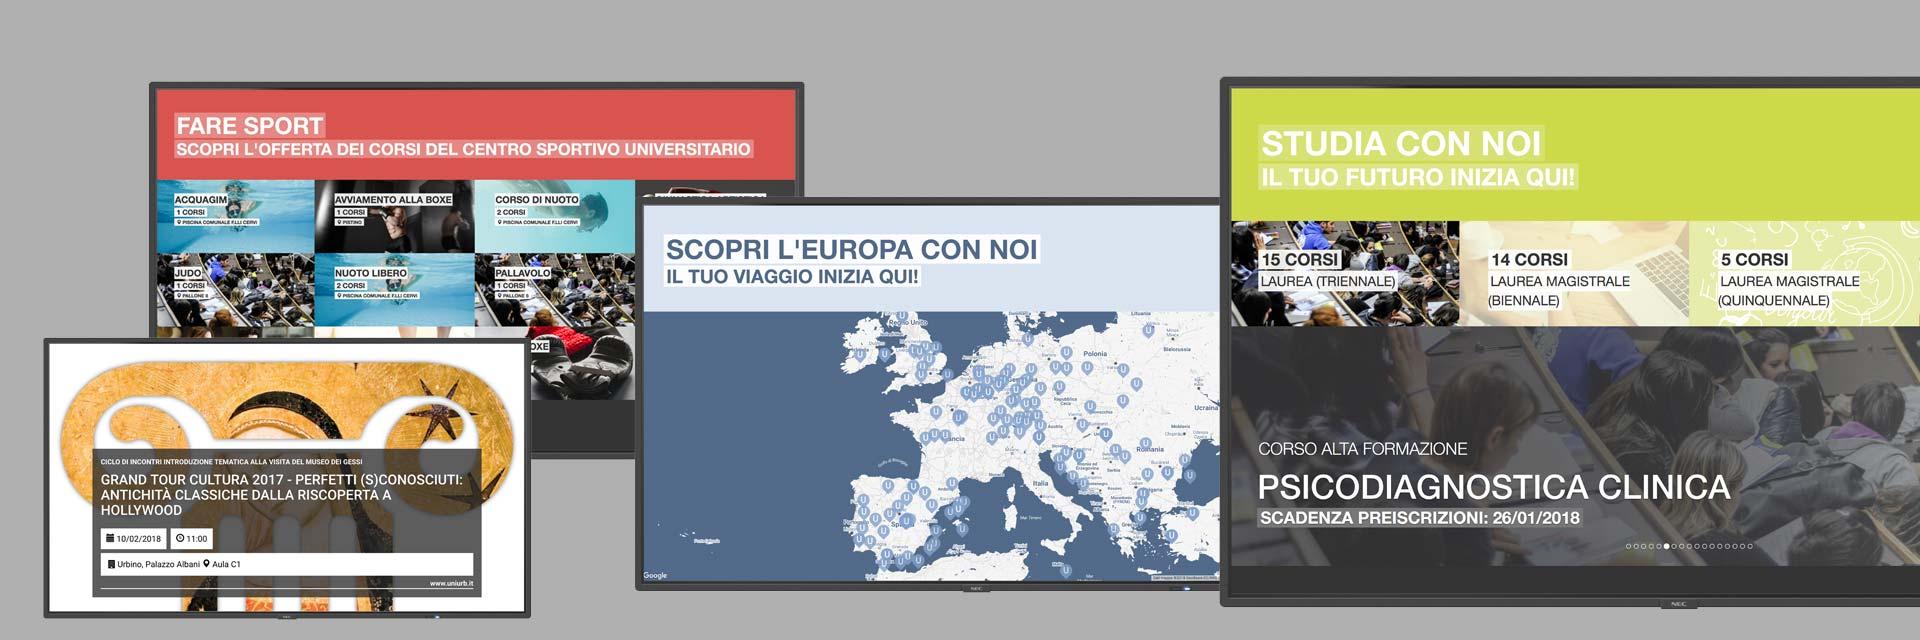 Digital Signage Università degli Studi di Urbino - Xibo